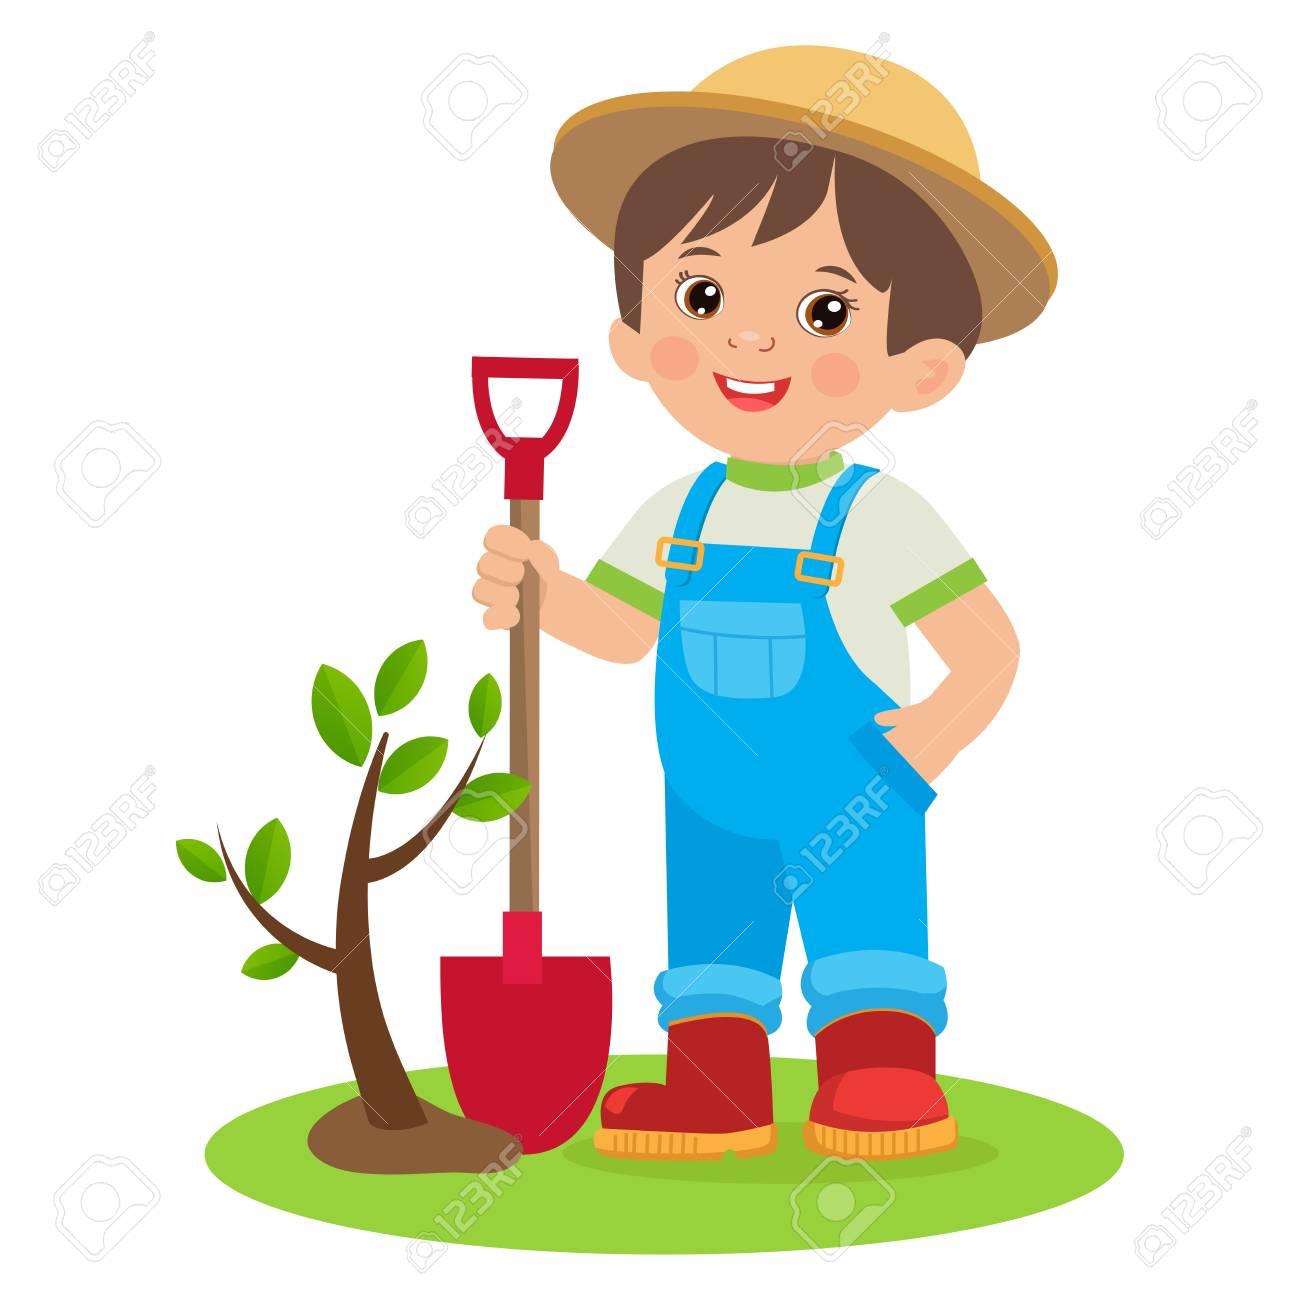 Spring Gardening. Growing Young Gardener. Cute Cartoon Boy With...